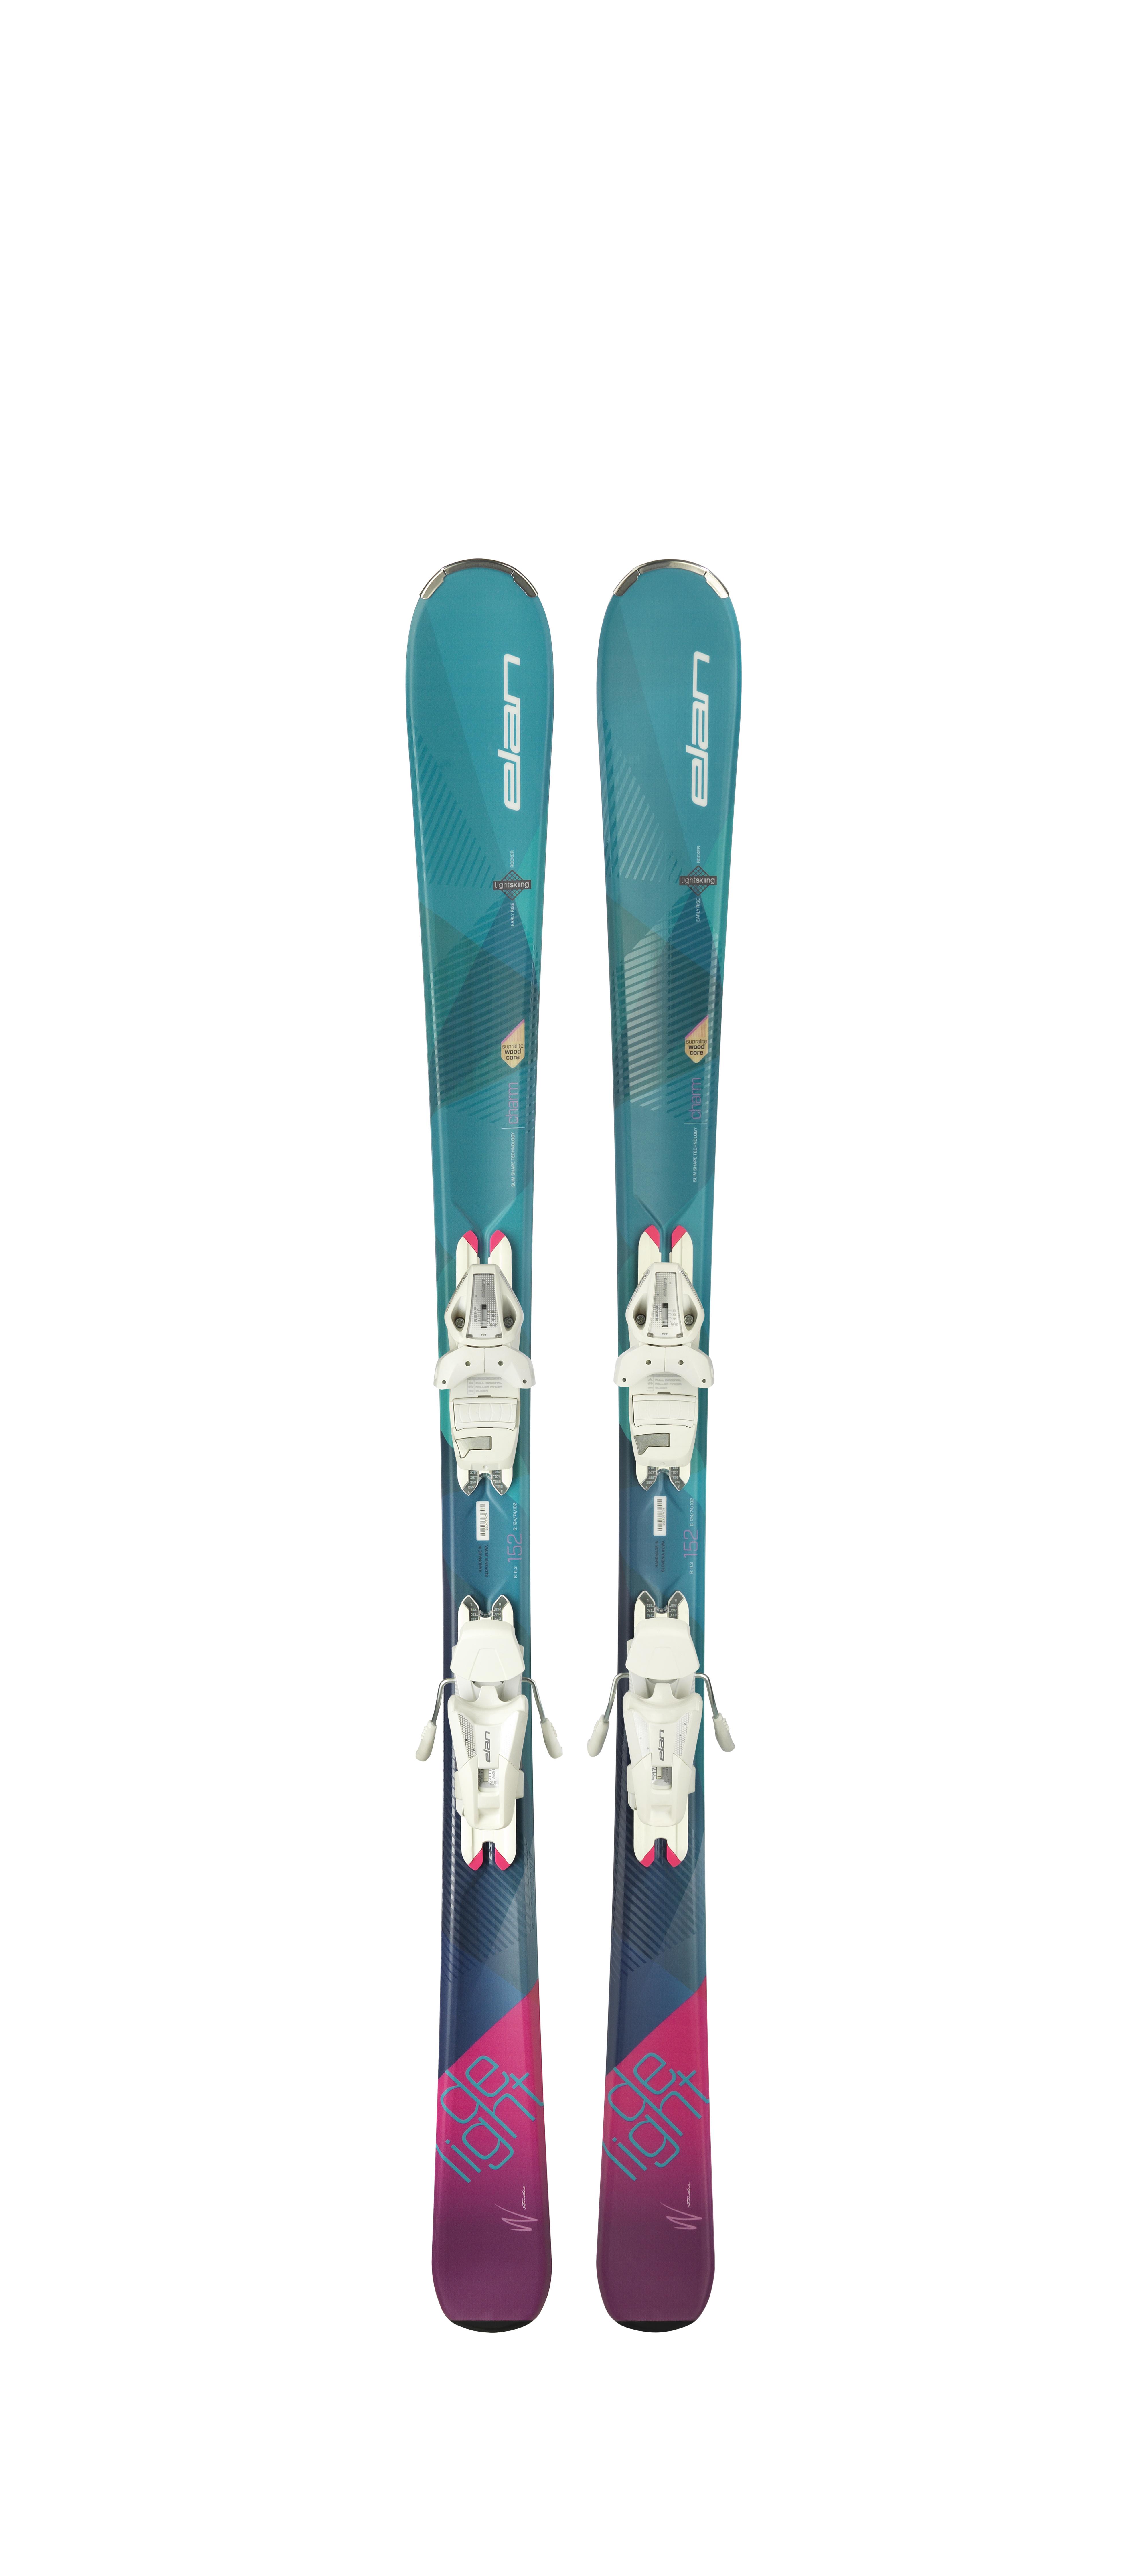 Горные лыжи с креплениями Elan 2017-18 DELIGHT CHARM LS ELW9.0